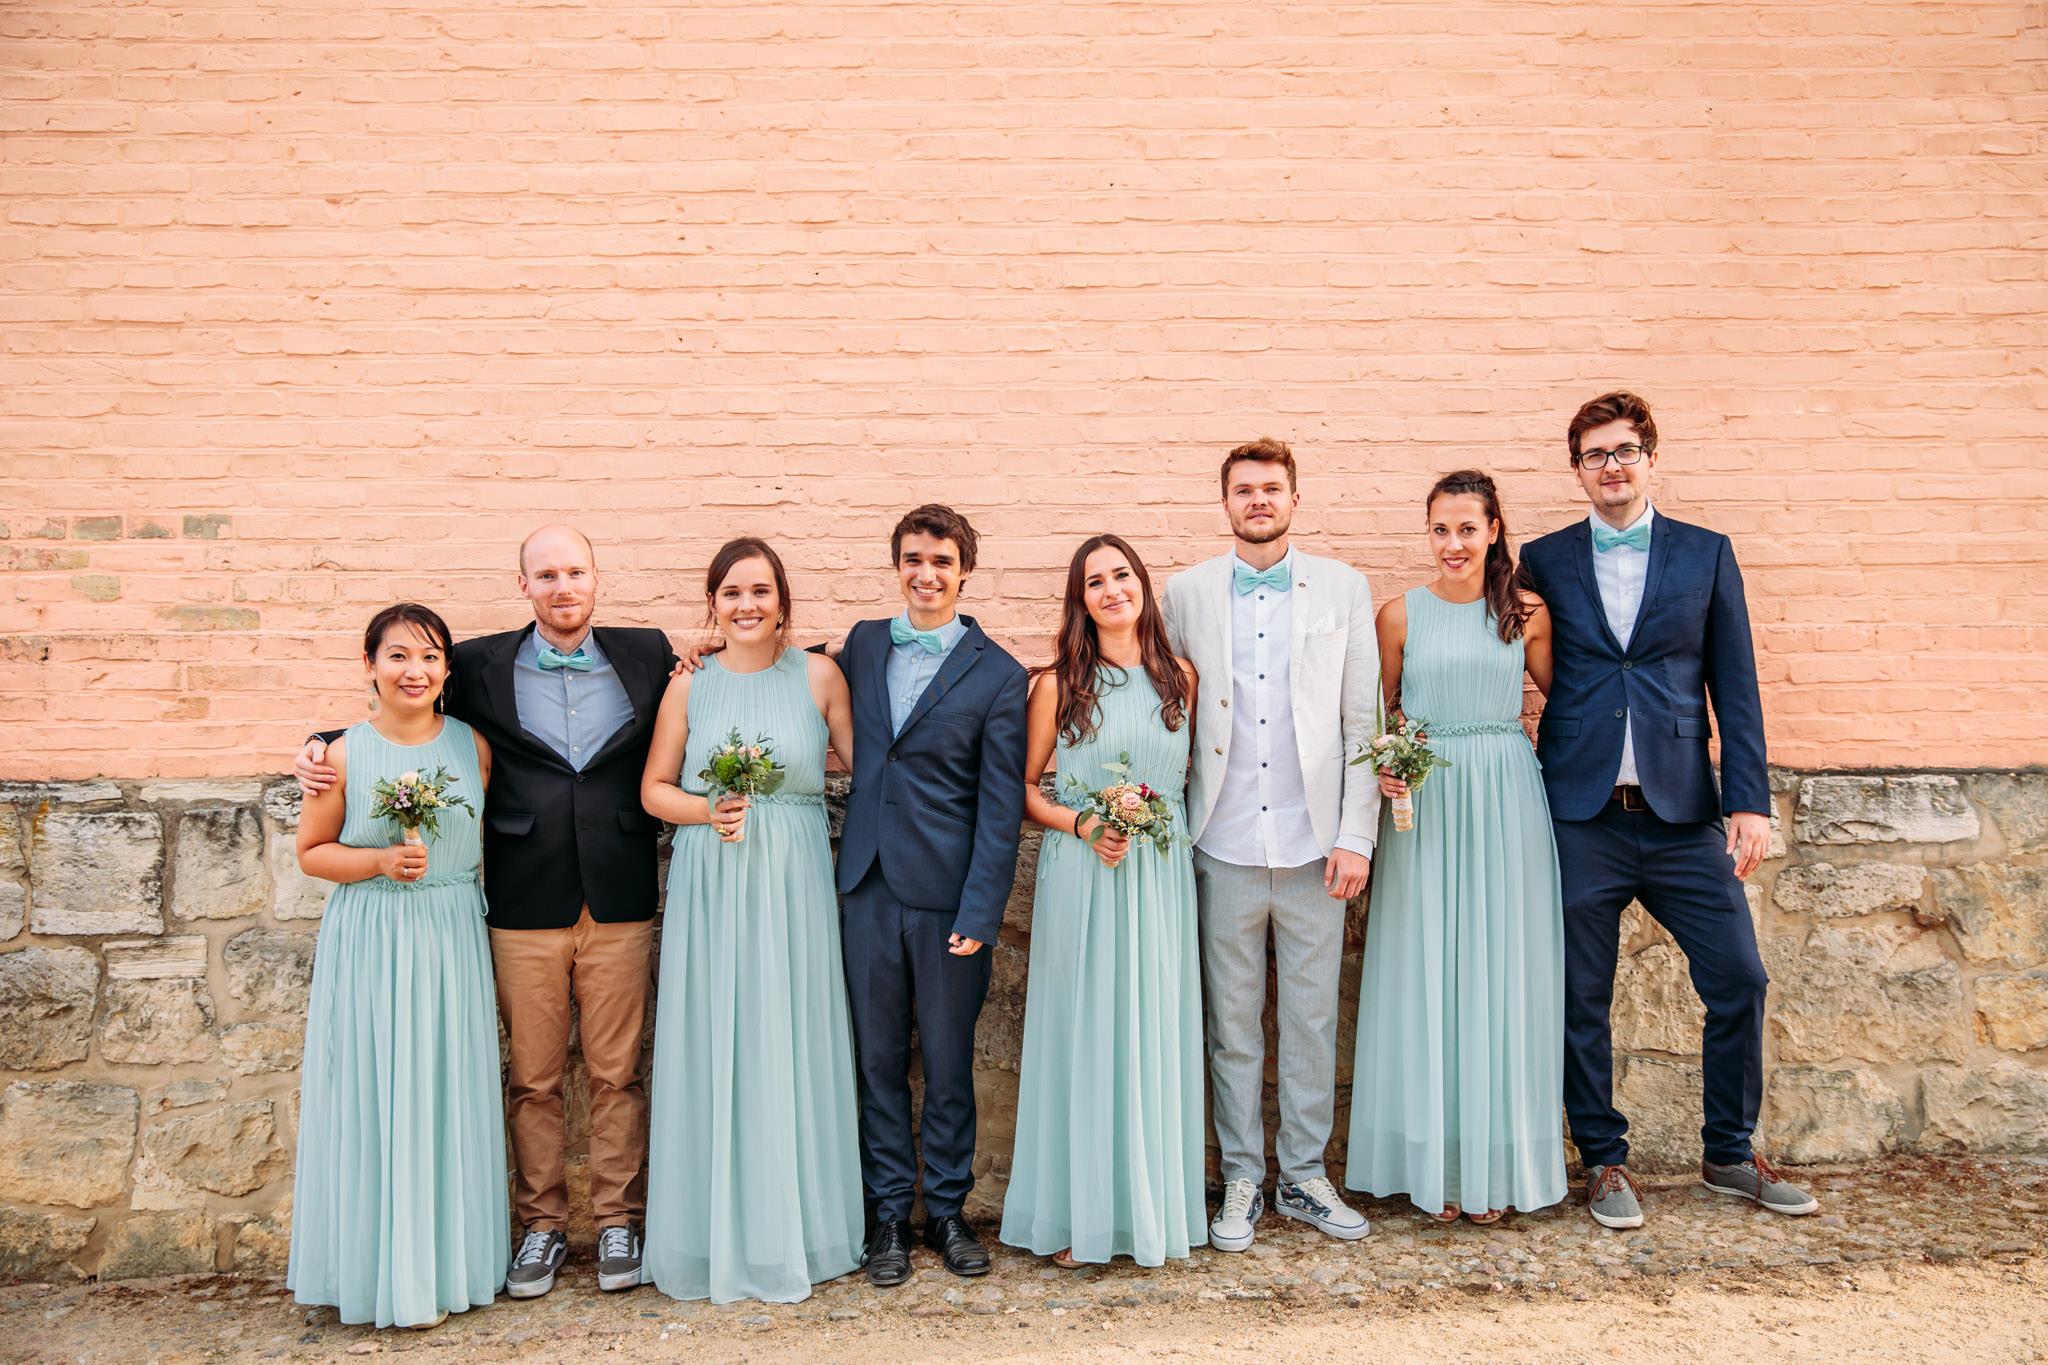 180901_freie_Trauung_Hochzeit_Potsdam_Krongut_Bornstedt_Feier_web_0015.jpg